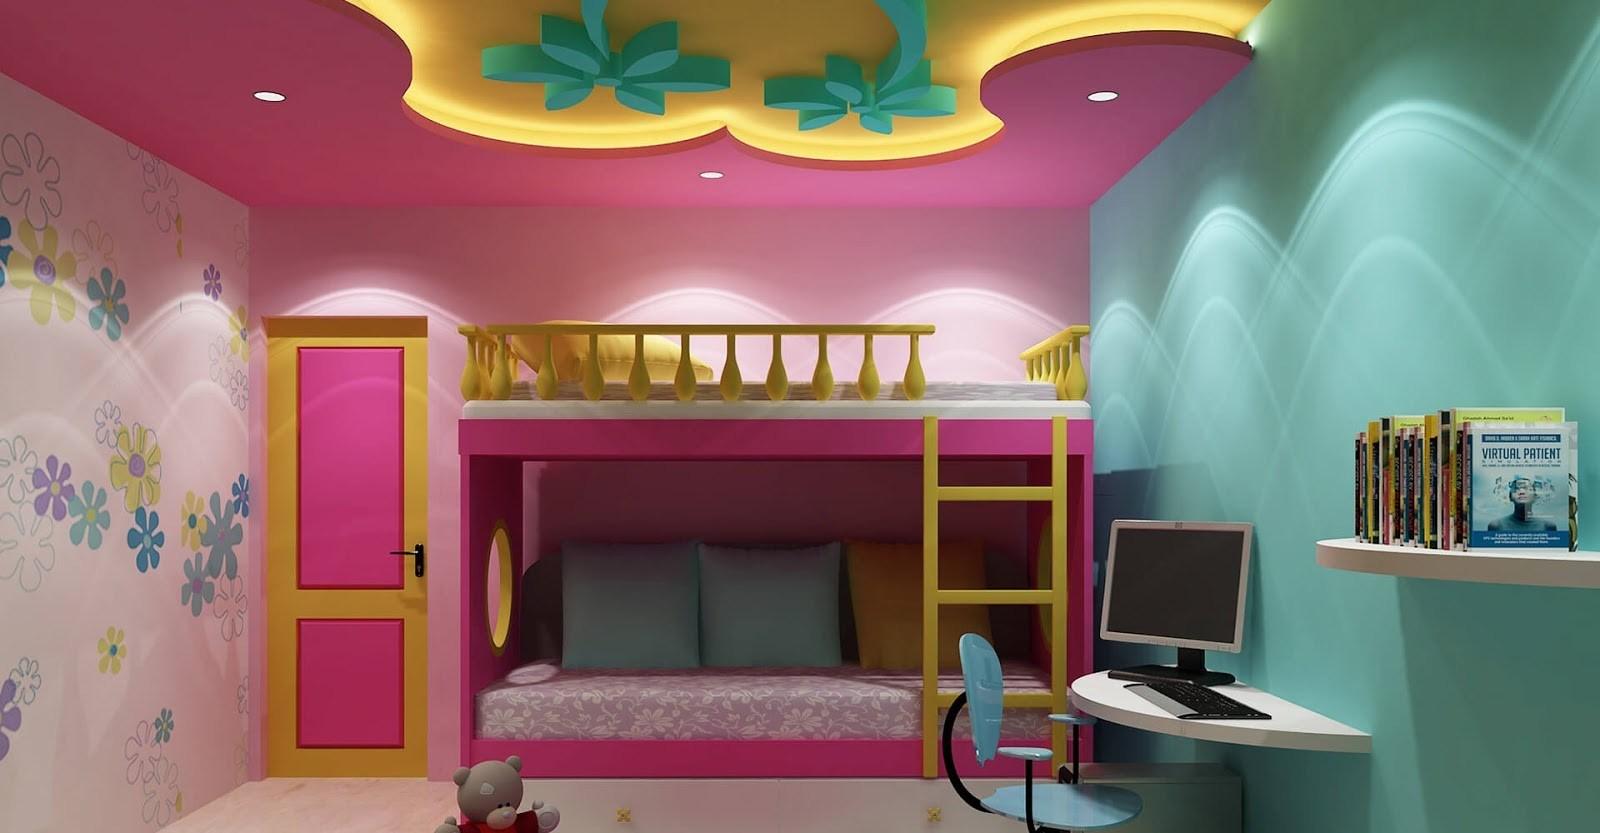 ديكورات اسقف جبس بسيطة لغرف الاطفال الراقية